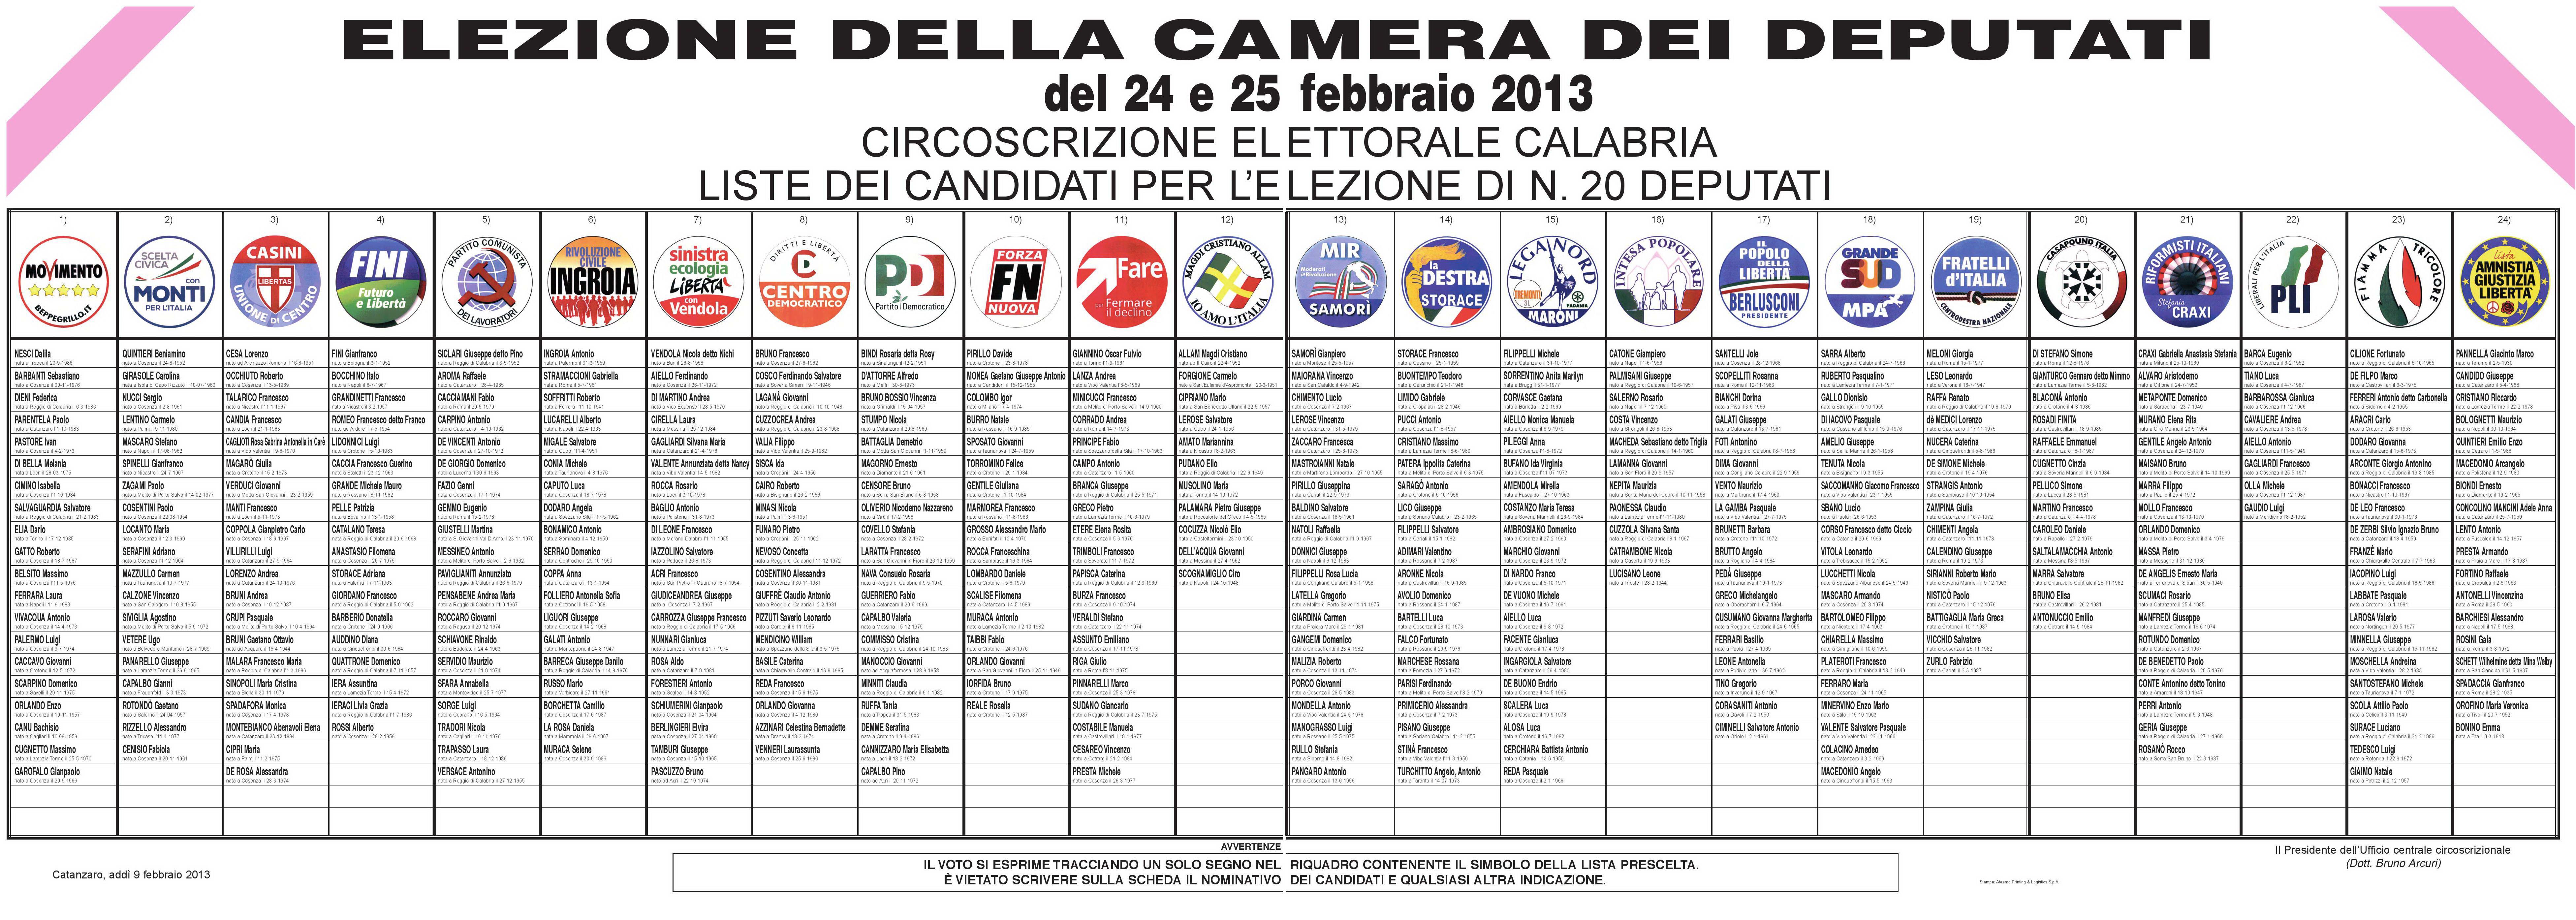 Elezioni 2013 manifesto liste comune di caulonia for Elezione camera dei deputati